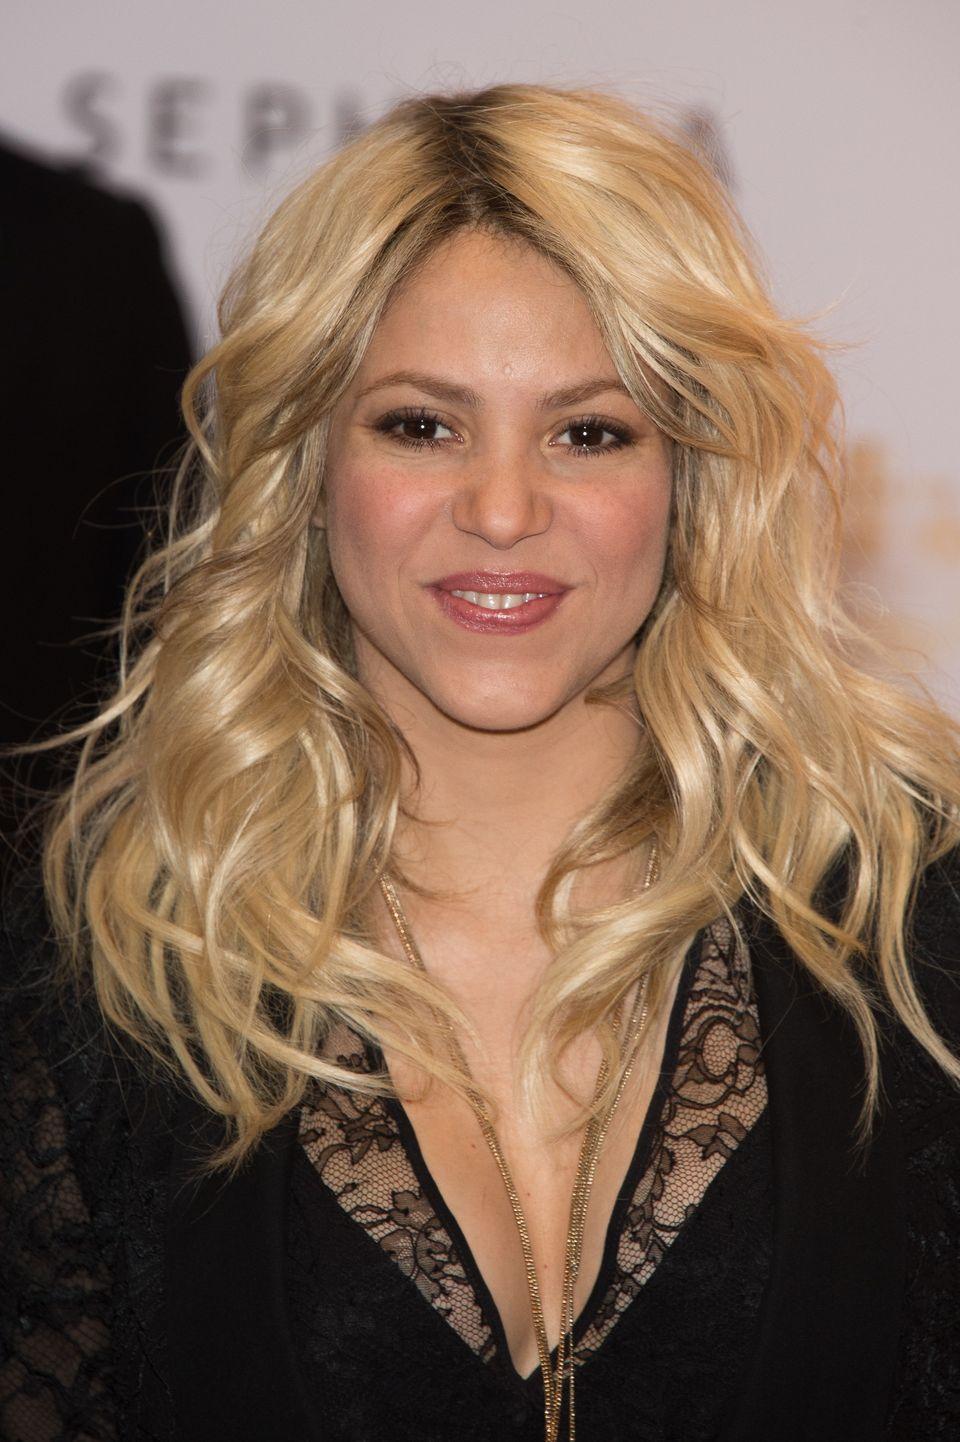 Shakira en el lanzamiento de su perfume 'S By Shakira' en París, Francia.  (Photo by Dominique Charriau/Getty Images for Seph